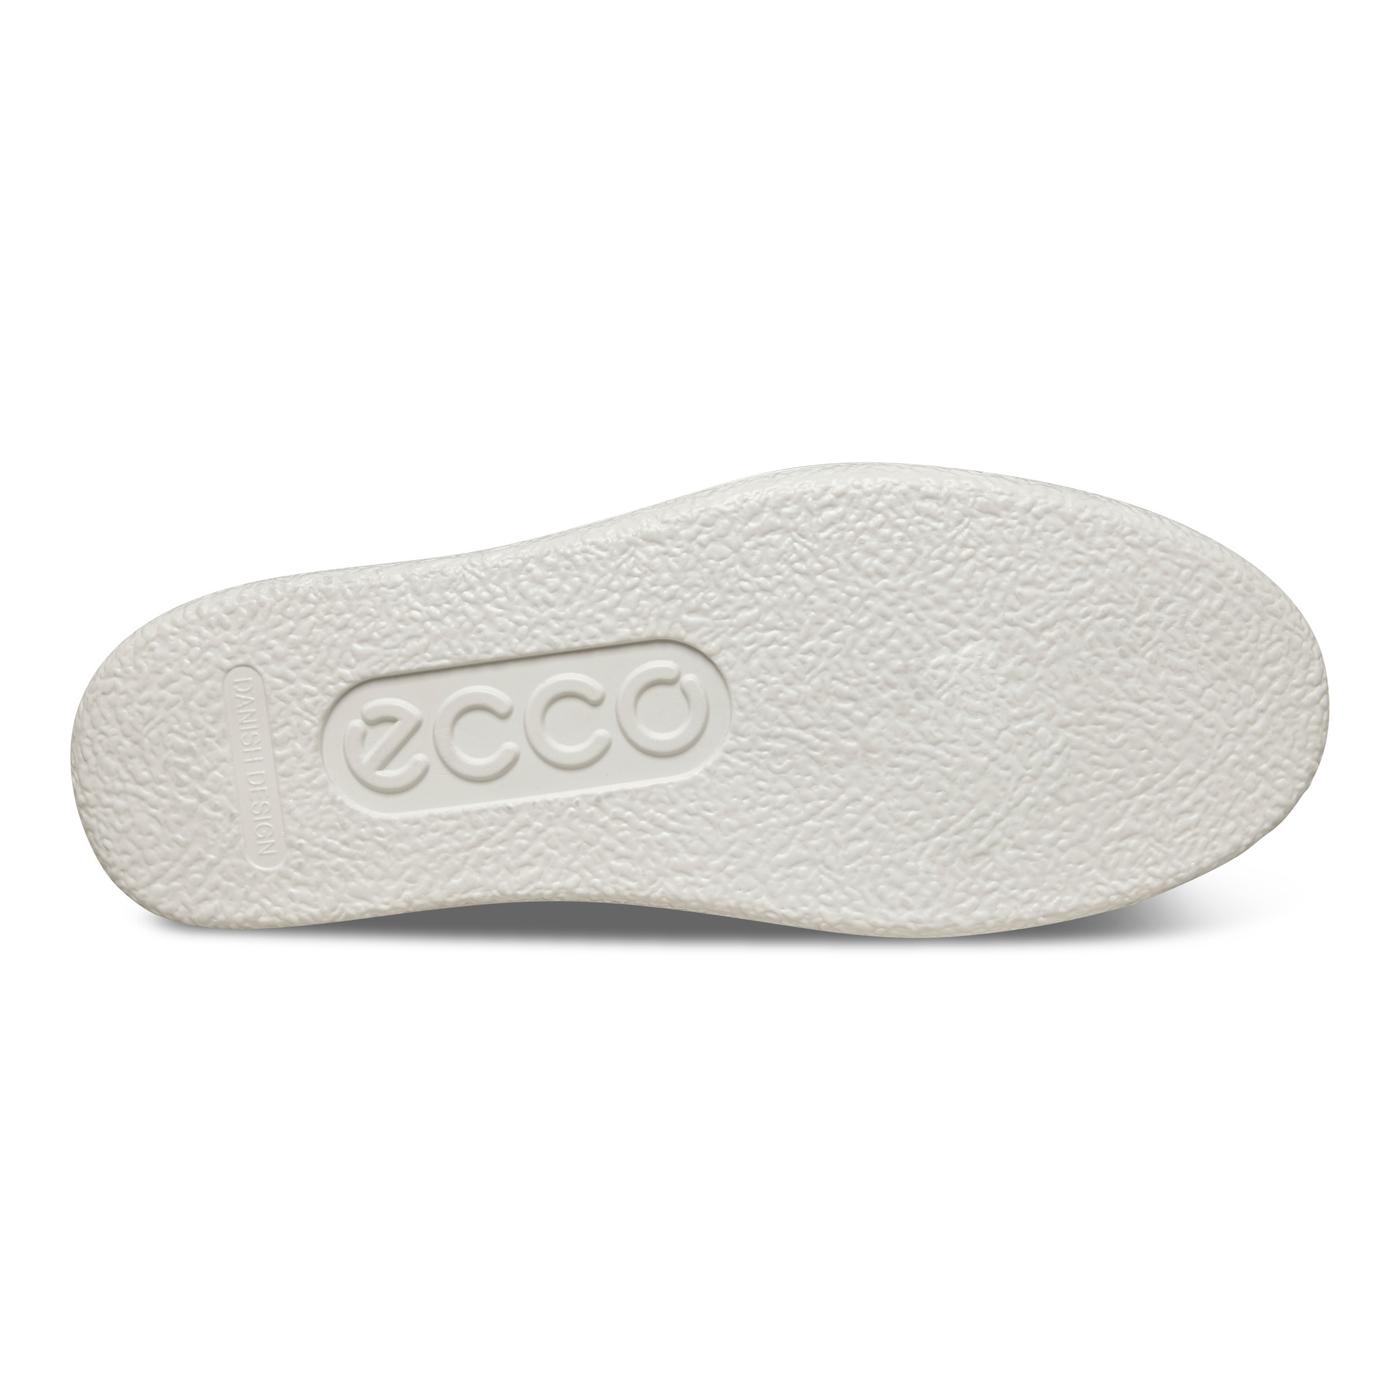 ECCO Soft 1 M Tie